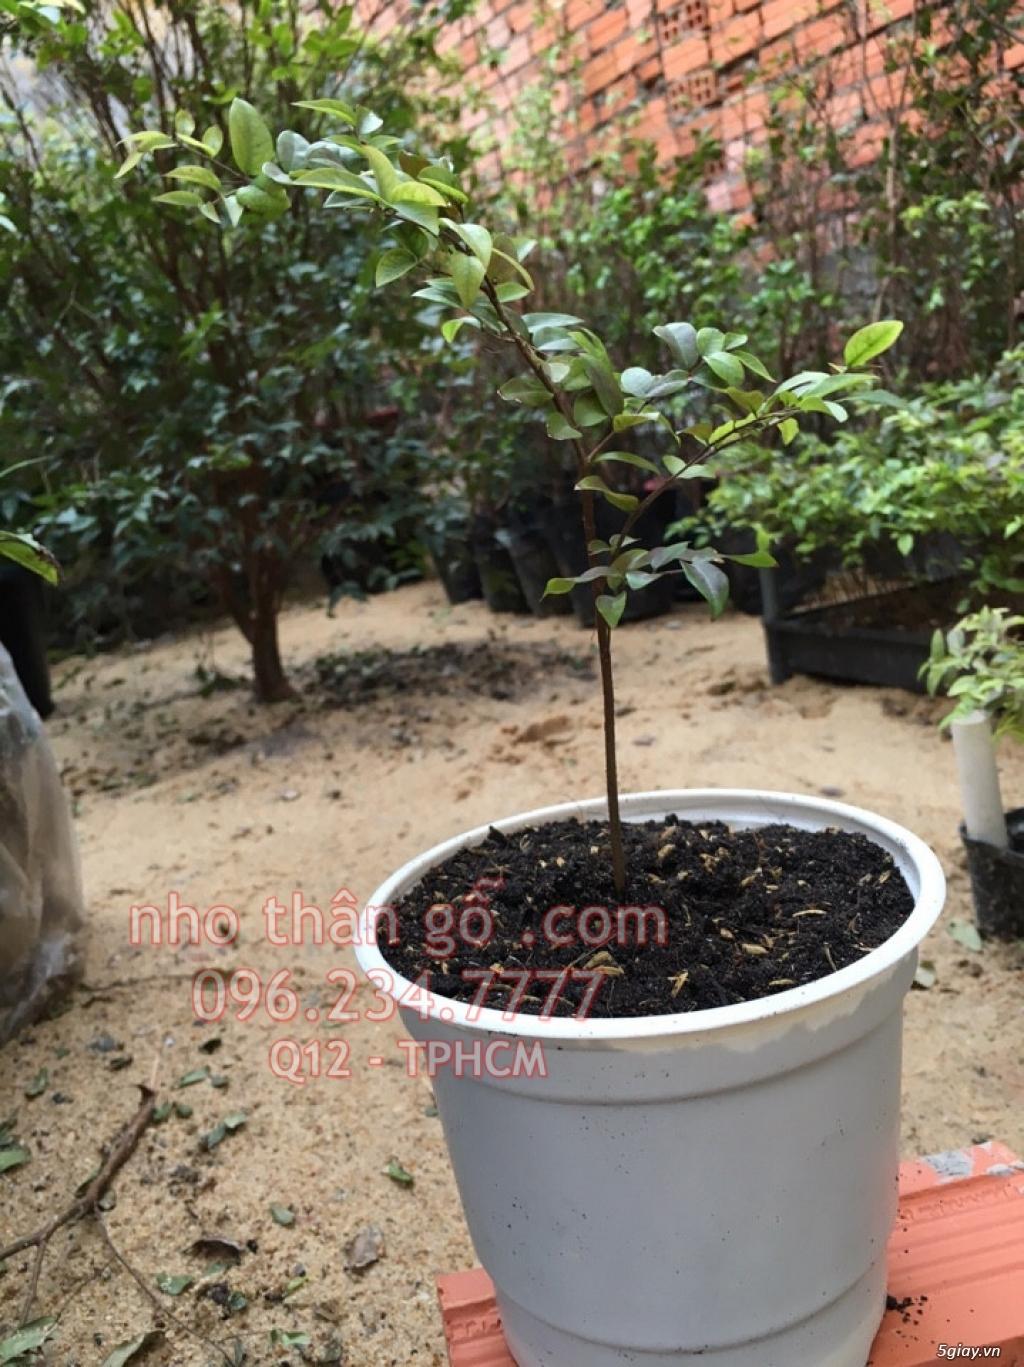 Mua bán sỉ và lẻ Nho Thân Gỗ cây giống TPHCM - 2